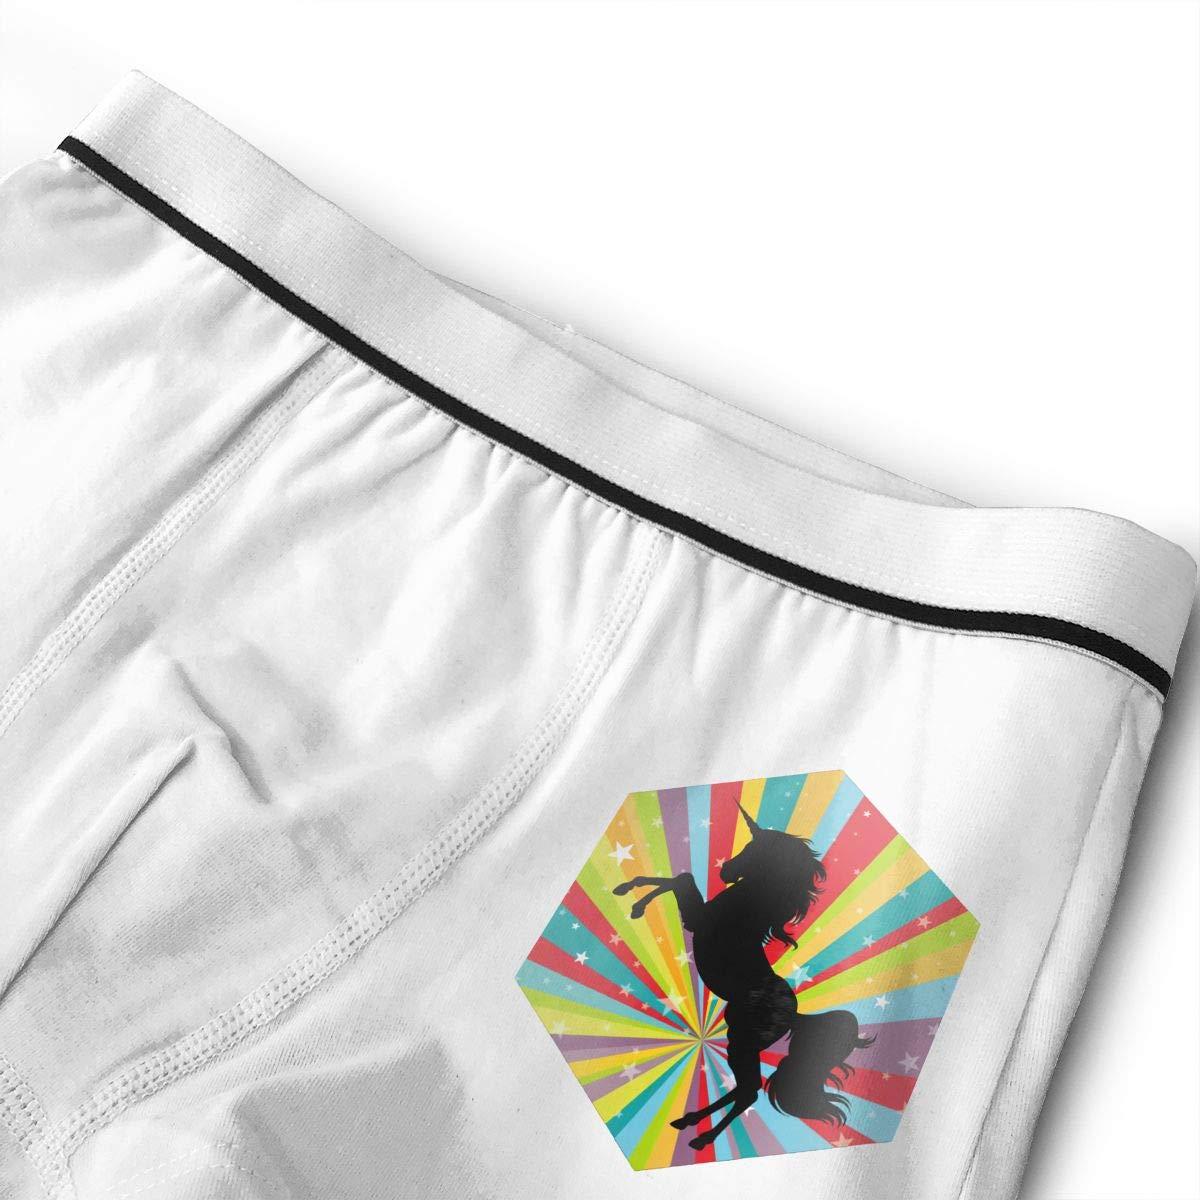 LGBT Unicorn Kids Cotton Boxer Briefs Underwear